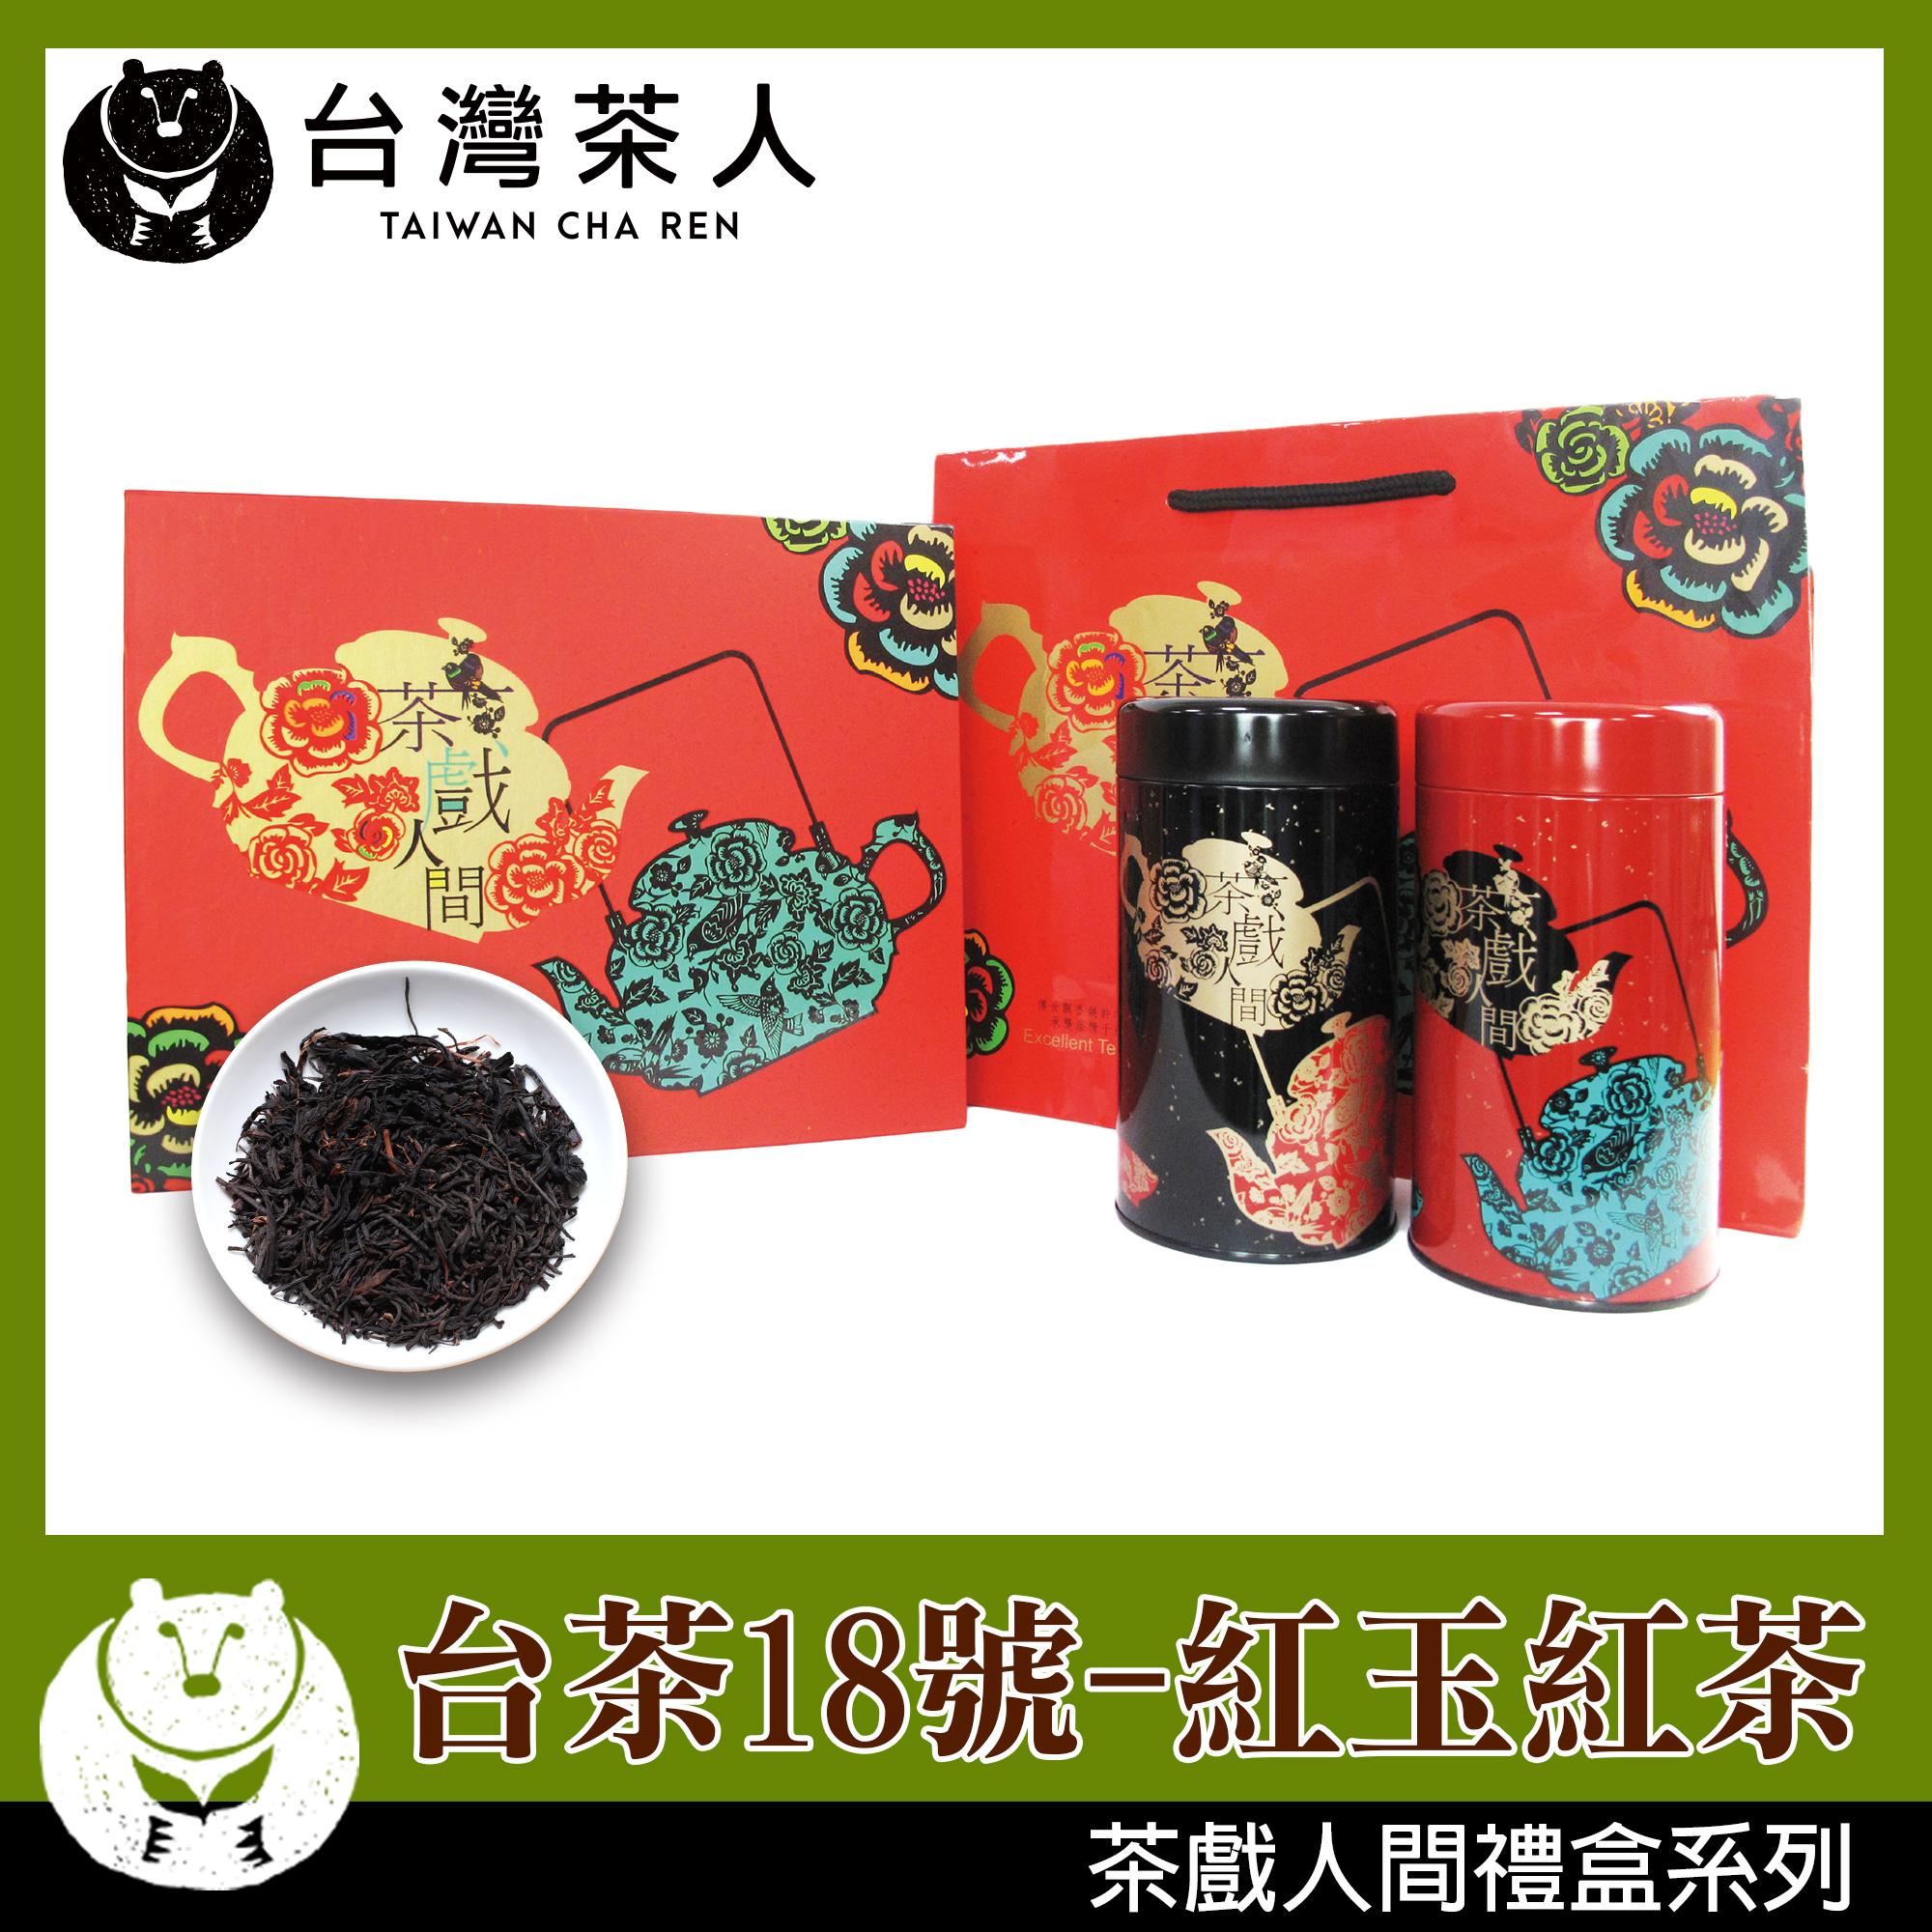 台灣茶人 台茶18號 紅玉紅茶 茶戲人間禮盒